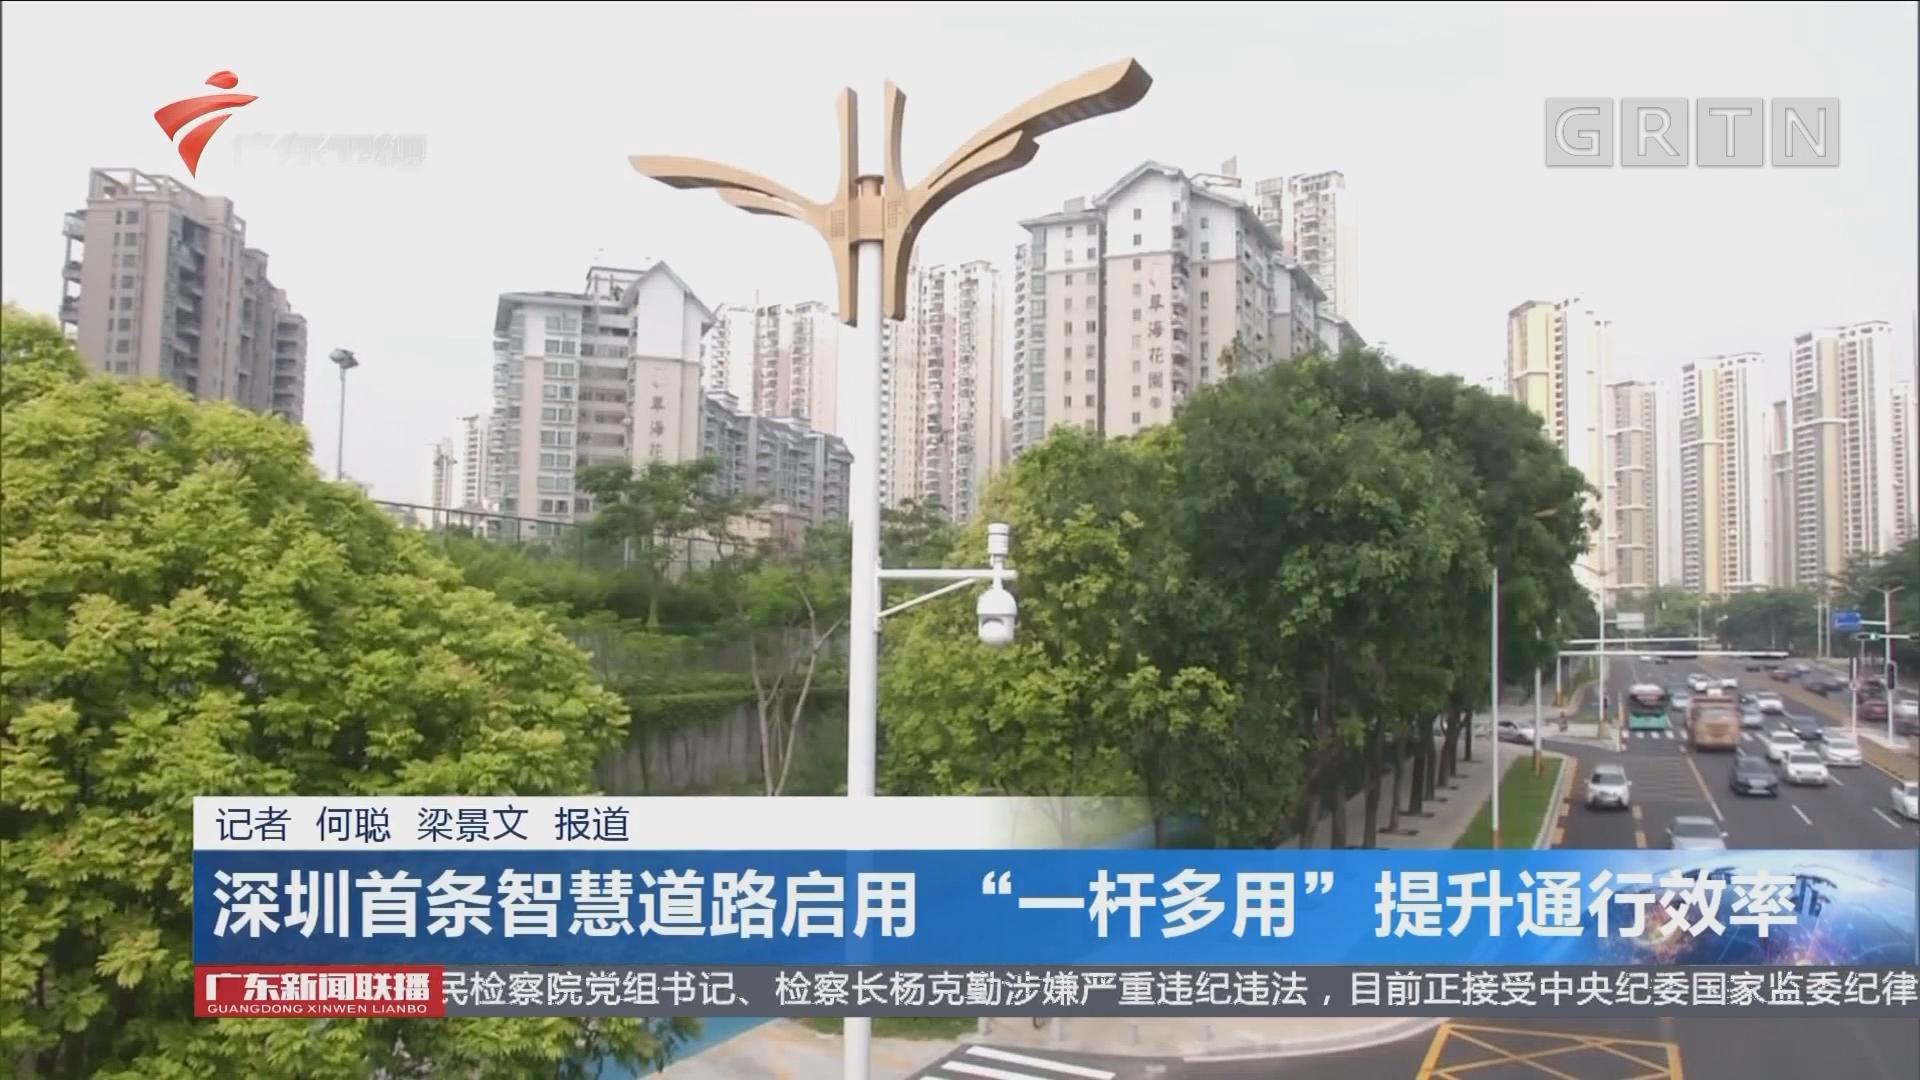 """深圳首条智慧道路启用 """"一杆多用""""提升通行效率"""